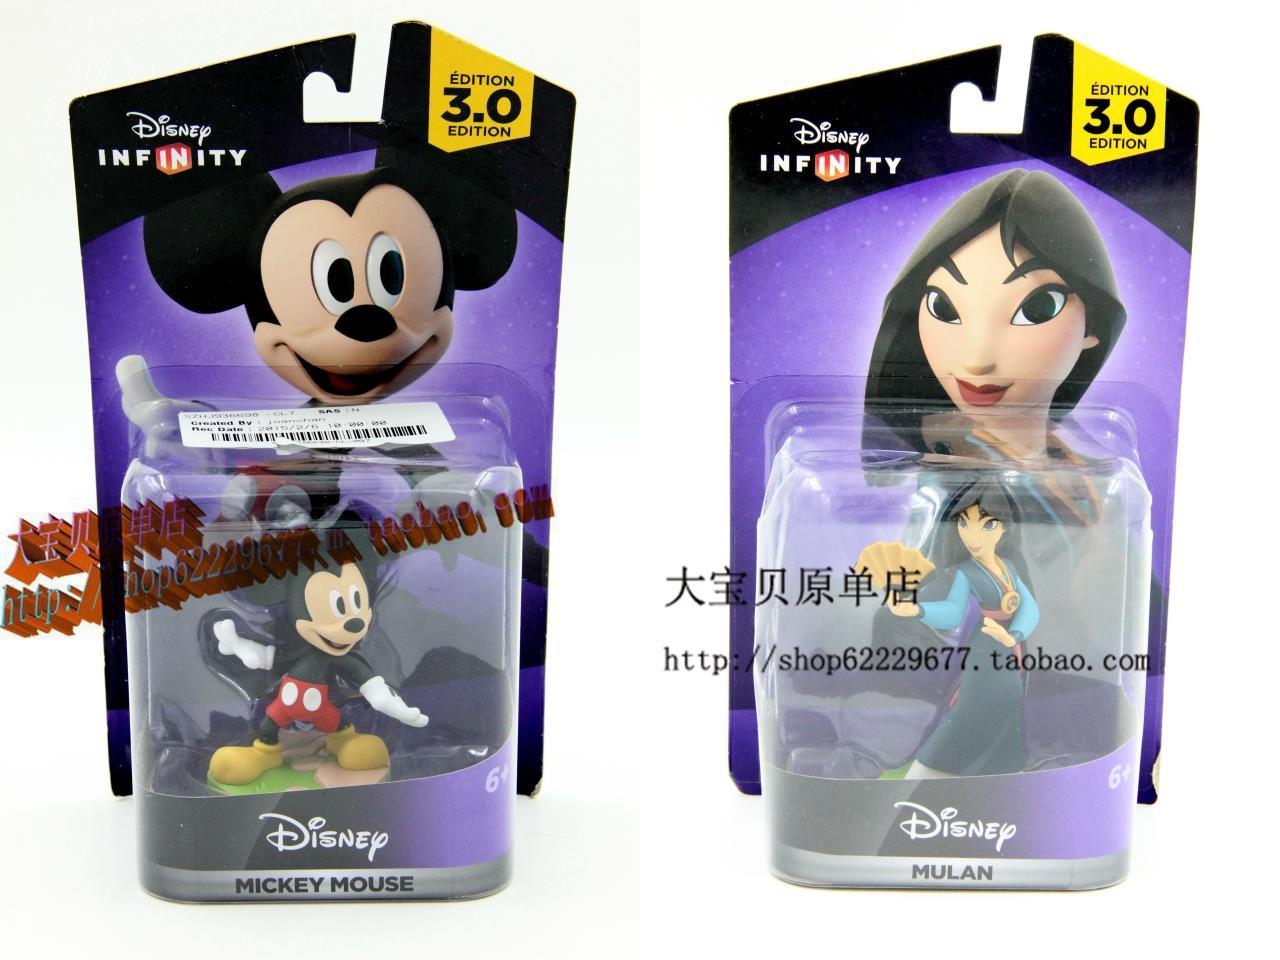 Primeros Rumores De Disney Infinity 3 0 Descubiertos Los